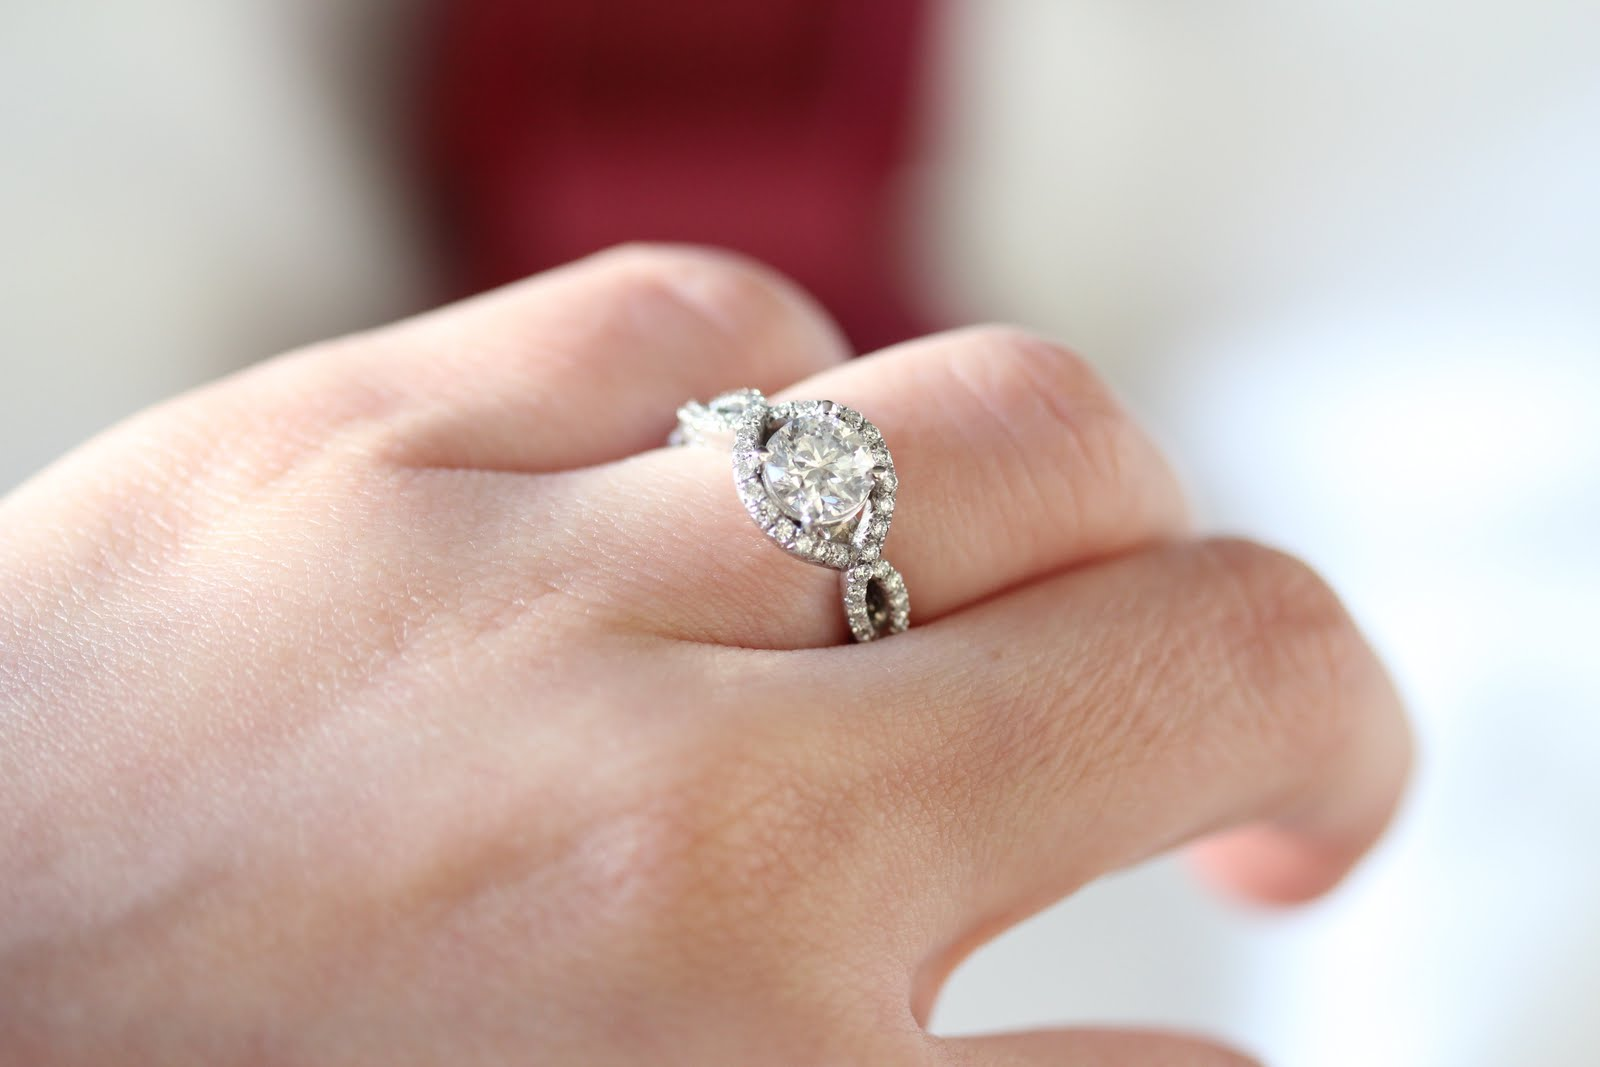 the wedding ring finger 2011 bridal mehndi designs. Black Bedroom Furniture Sets. Home Design Ideas